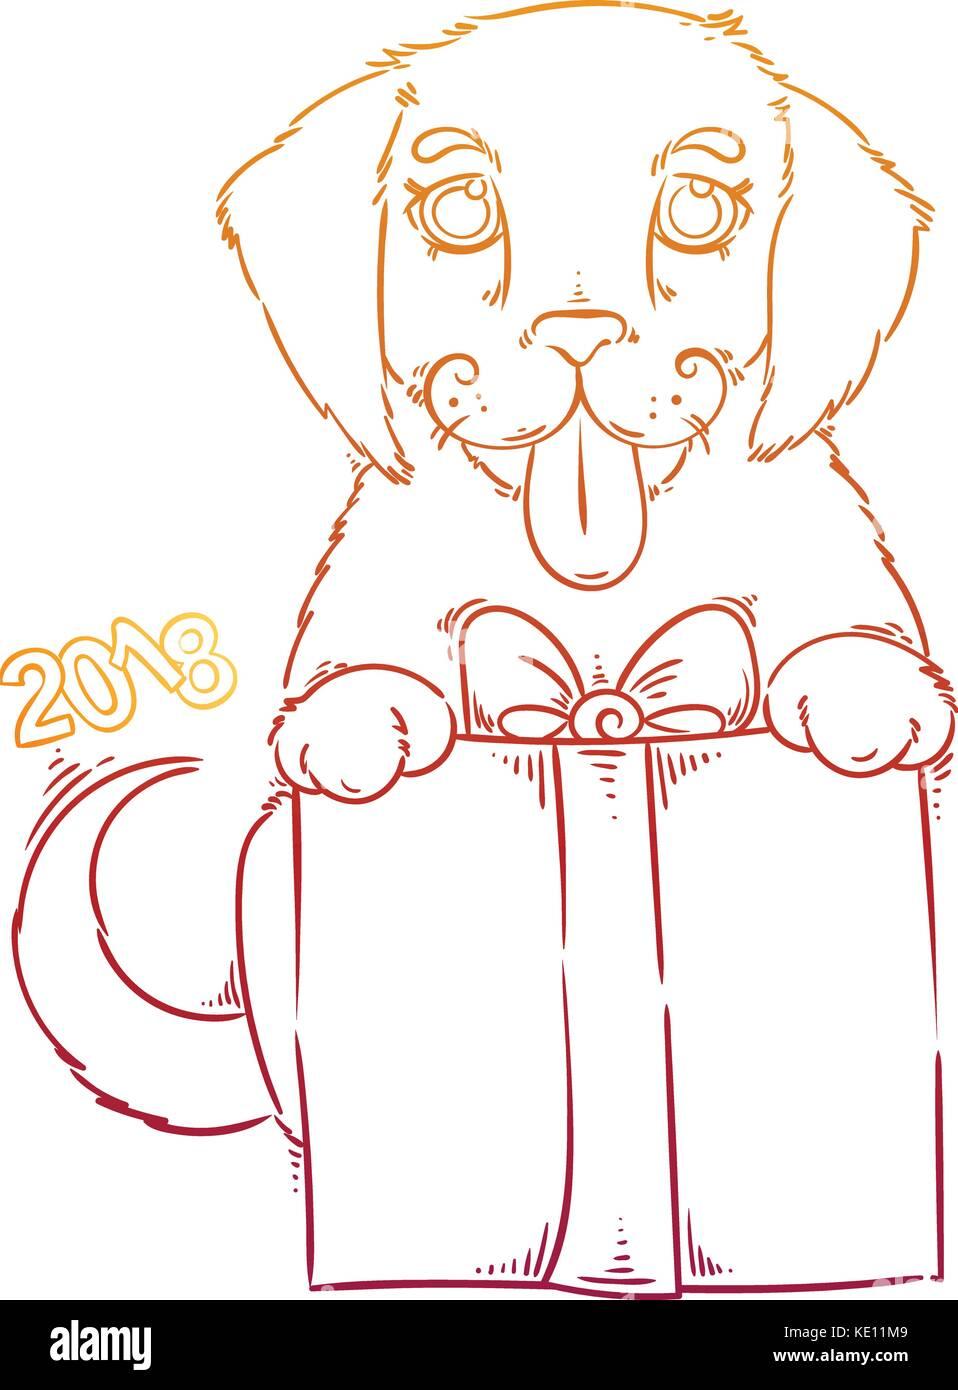 Hand gezeichnet Abbildung mit einem Doodle Hund. 2018 Vektor Symbol ...